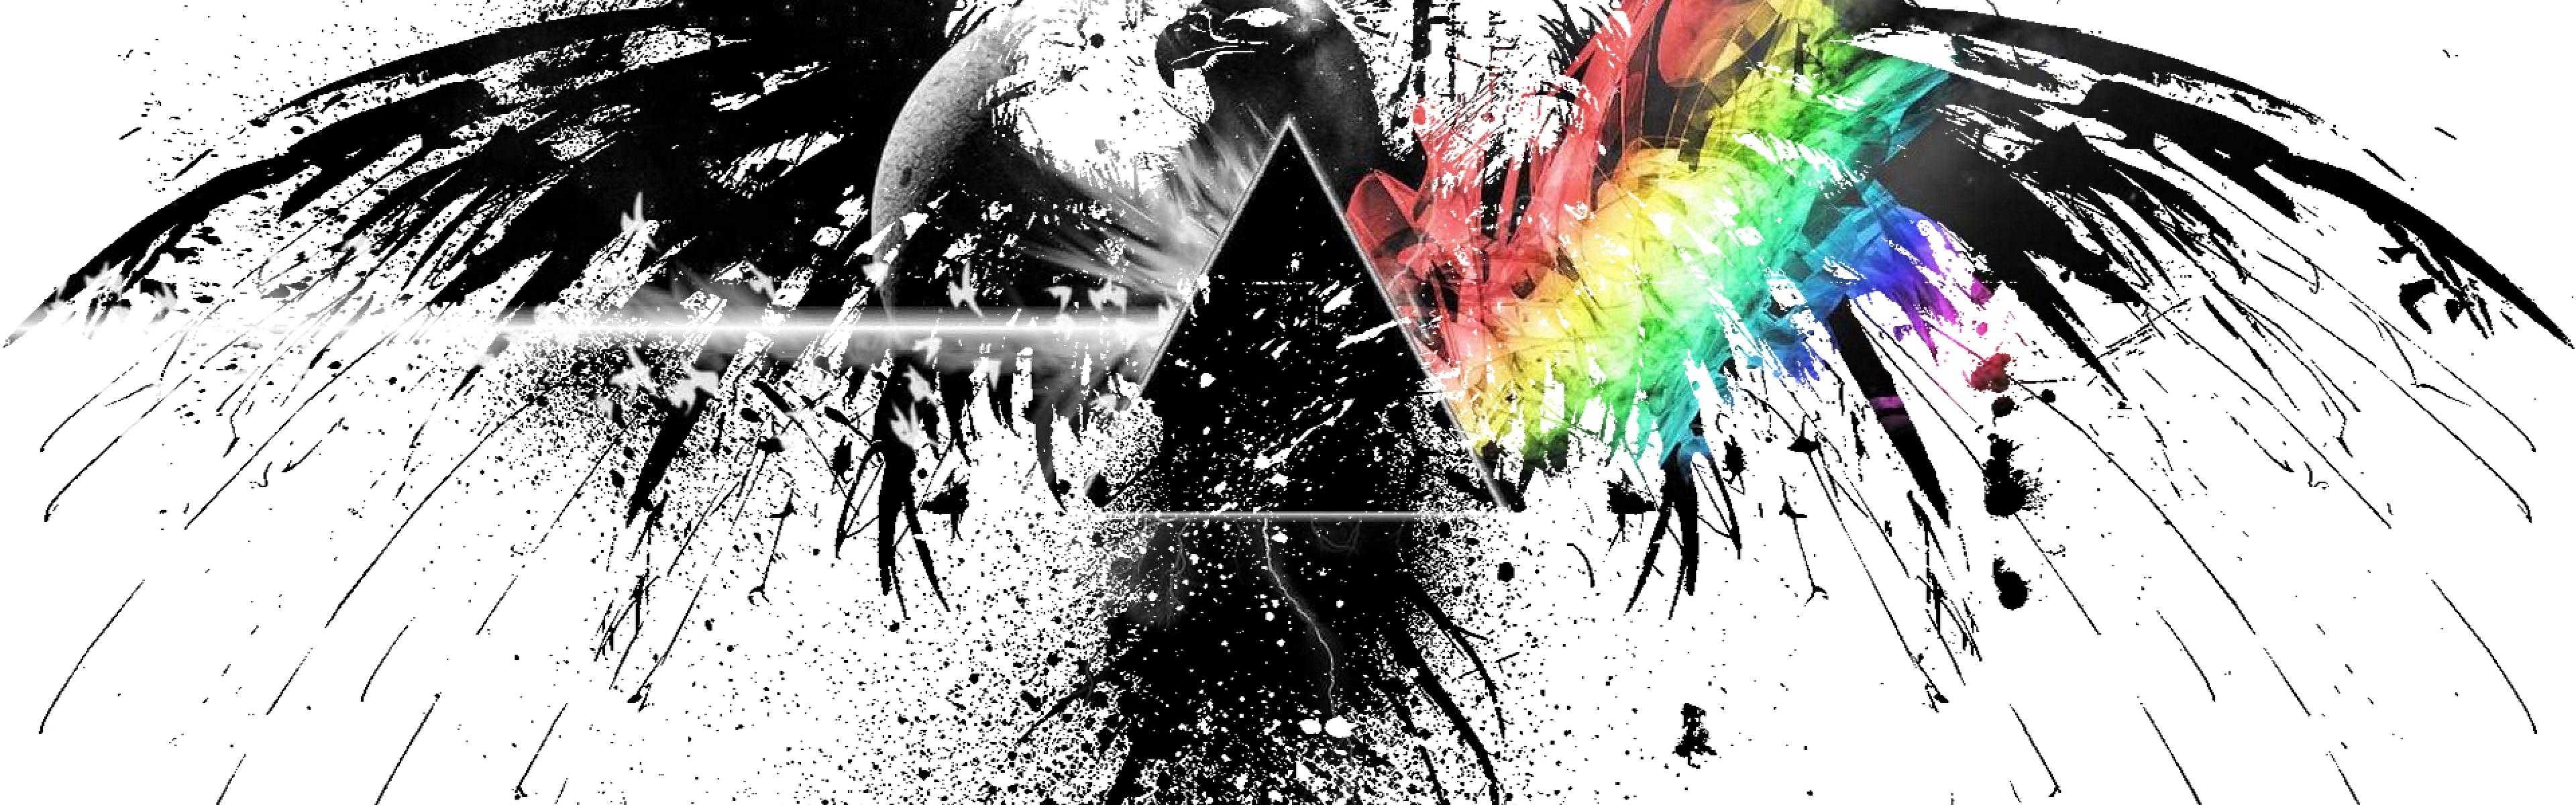 Pink Floyd Hd Wallpapers 7wallpapersnet